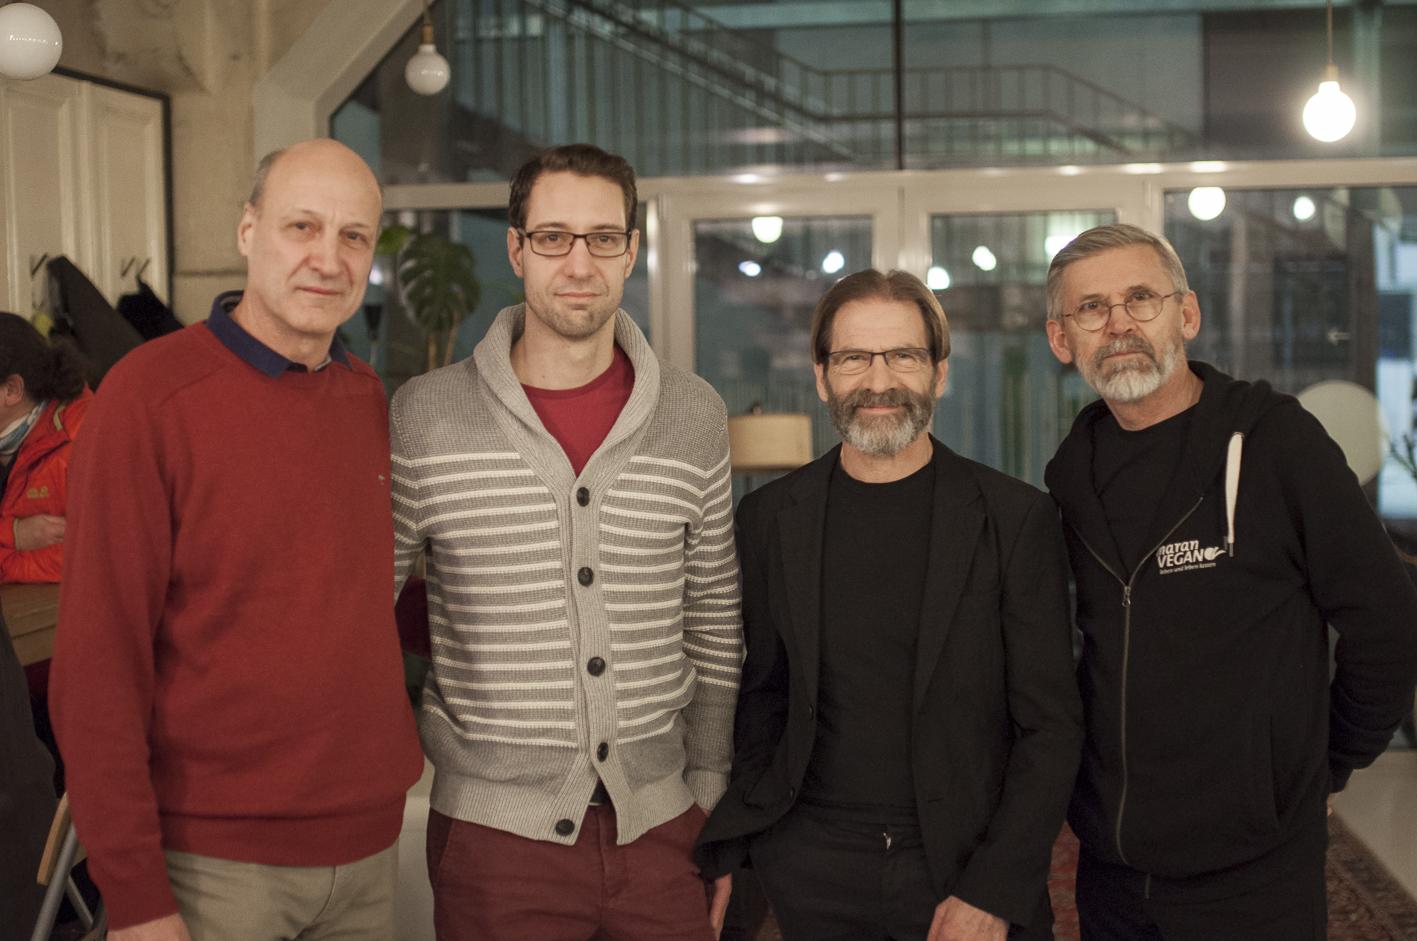 Fleischloses Bio-Fleisch, Tasting_forum, Bio 3.0, #biodreinull, Peter Hiel, Richard Hiel, Hermann Neuburger, Stefan Maran